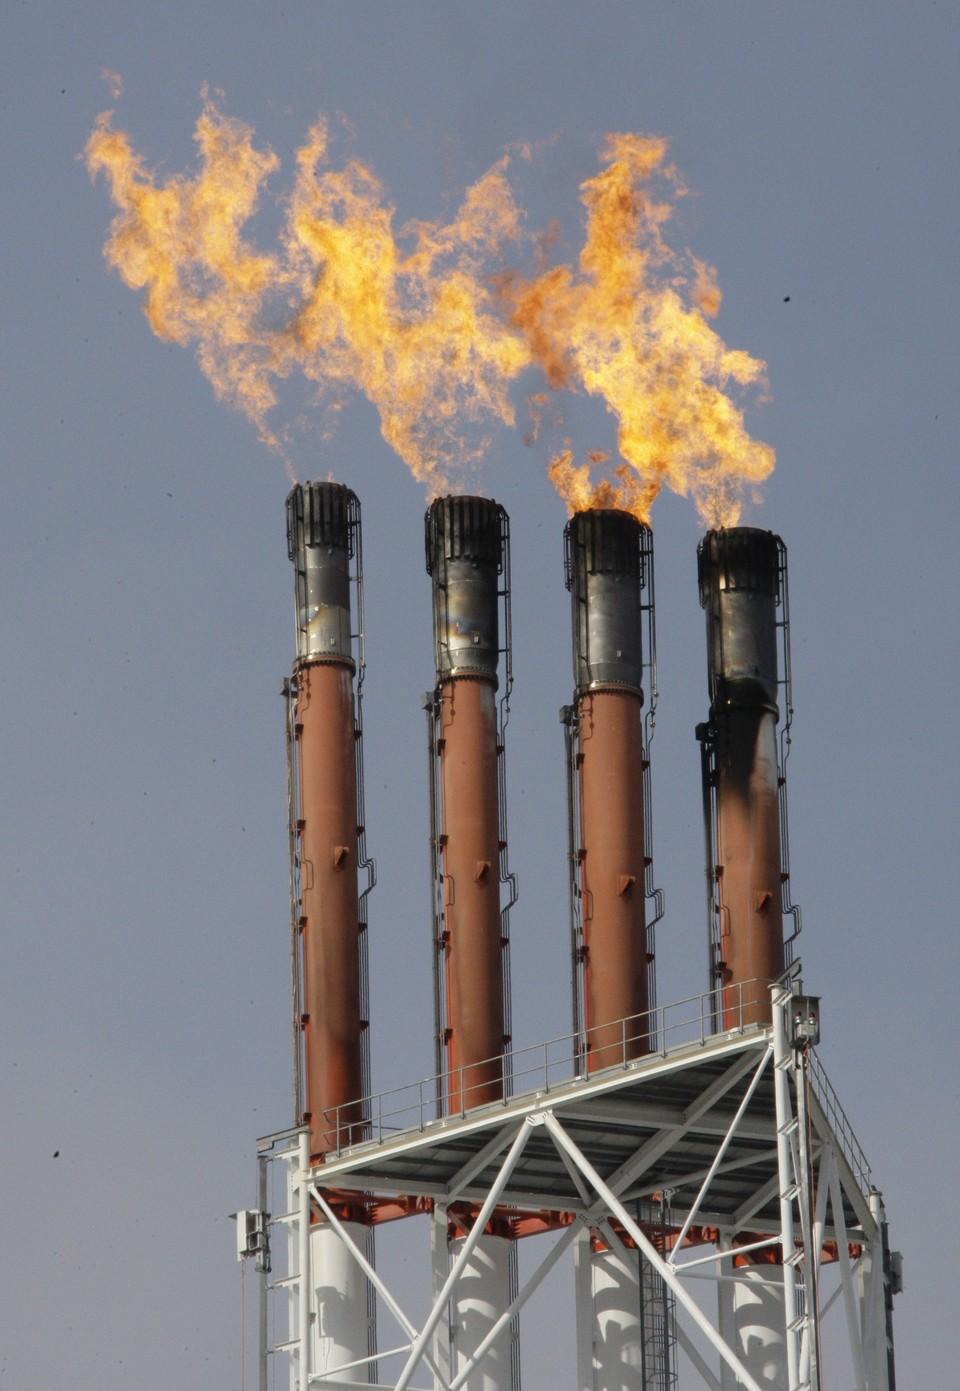 В течение следующих 20 лет Польша будет ежегодно получать два миллиона тонн американского газа